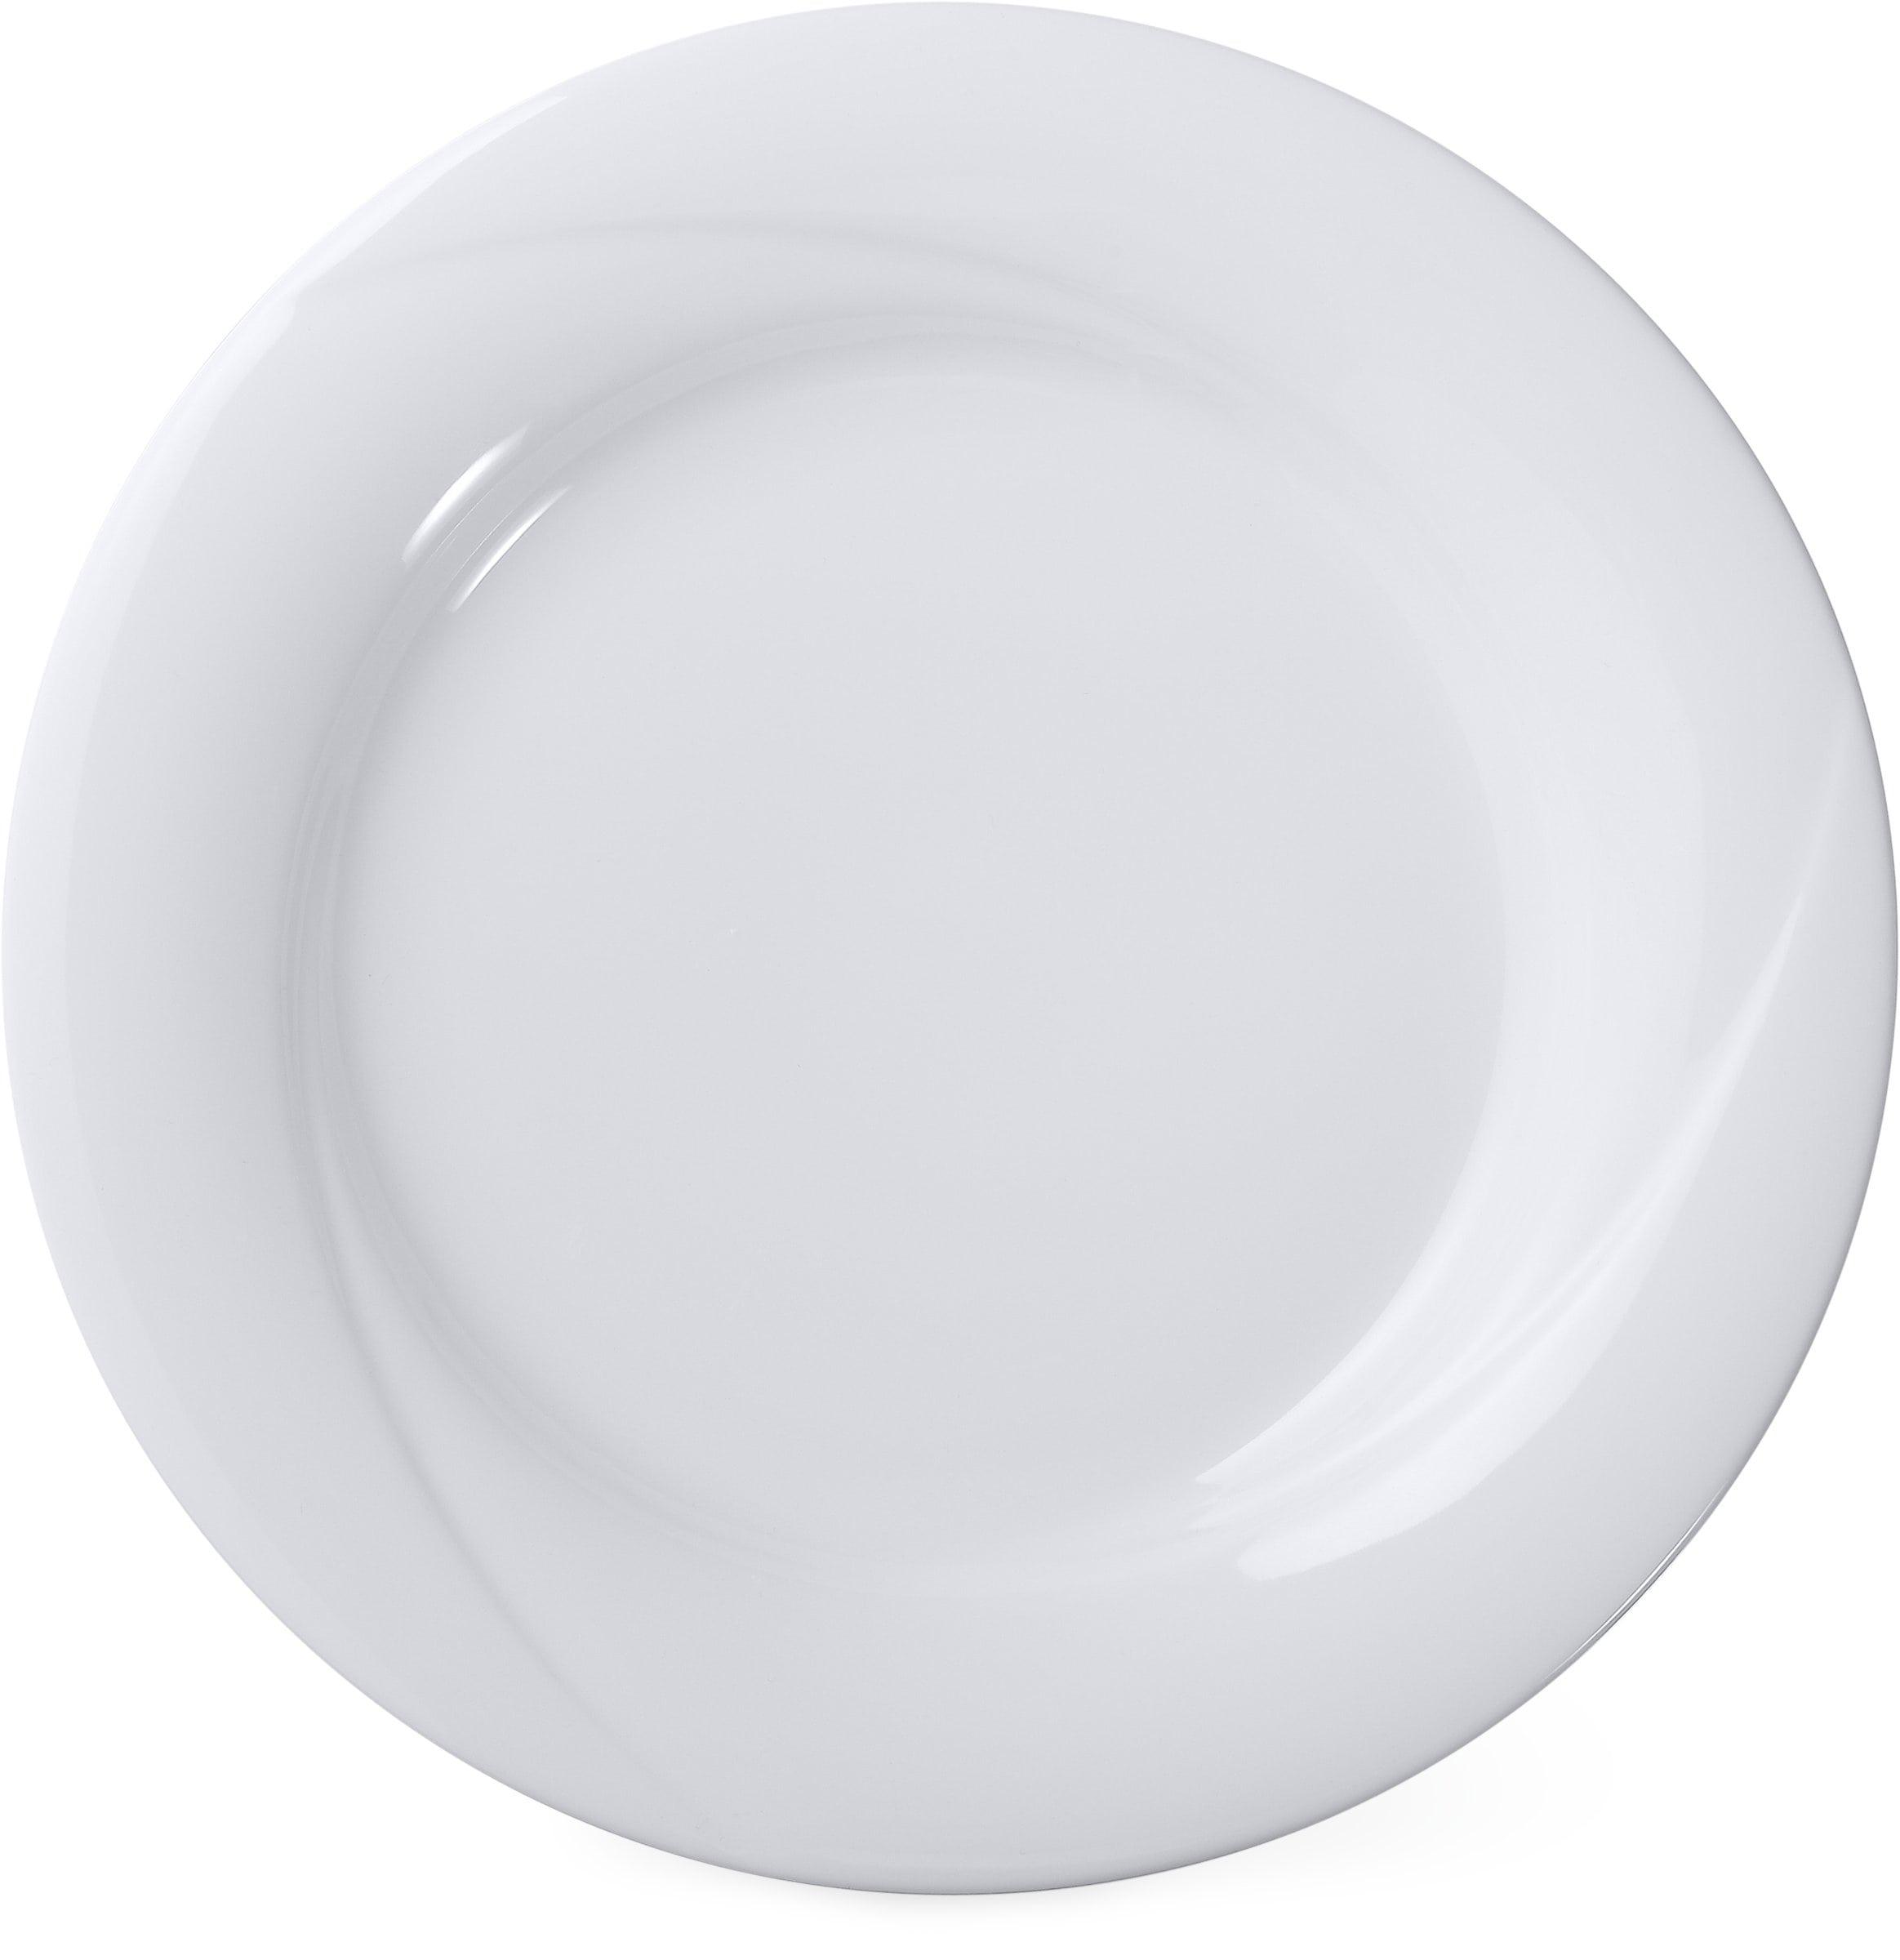 Cucina & Tavola NIKITA Dessertteller